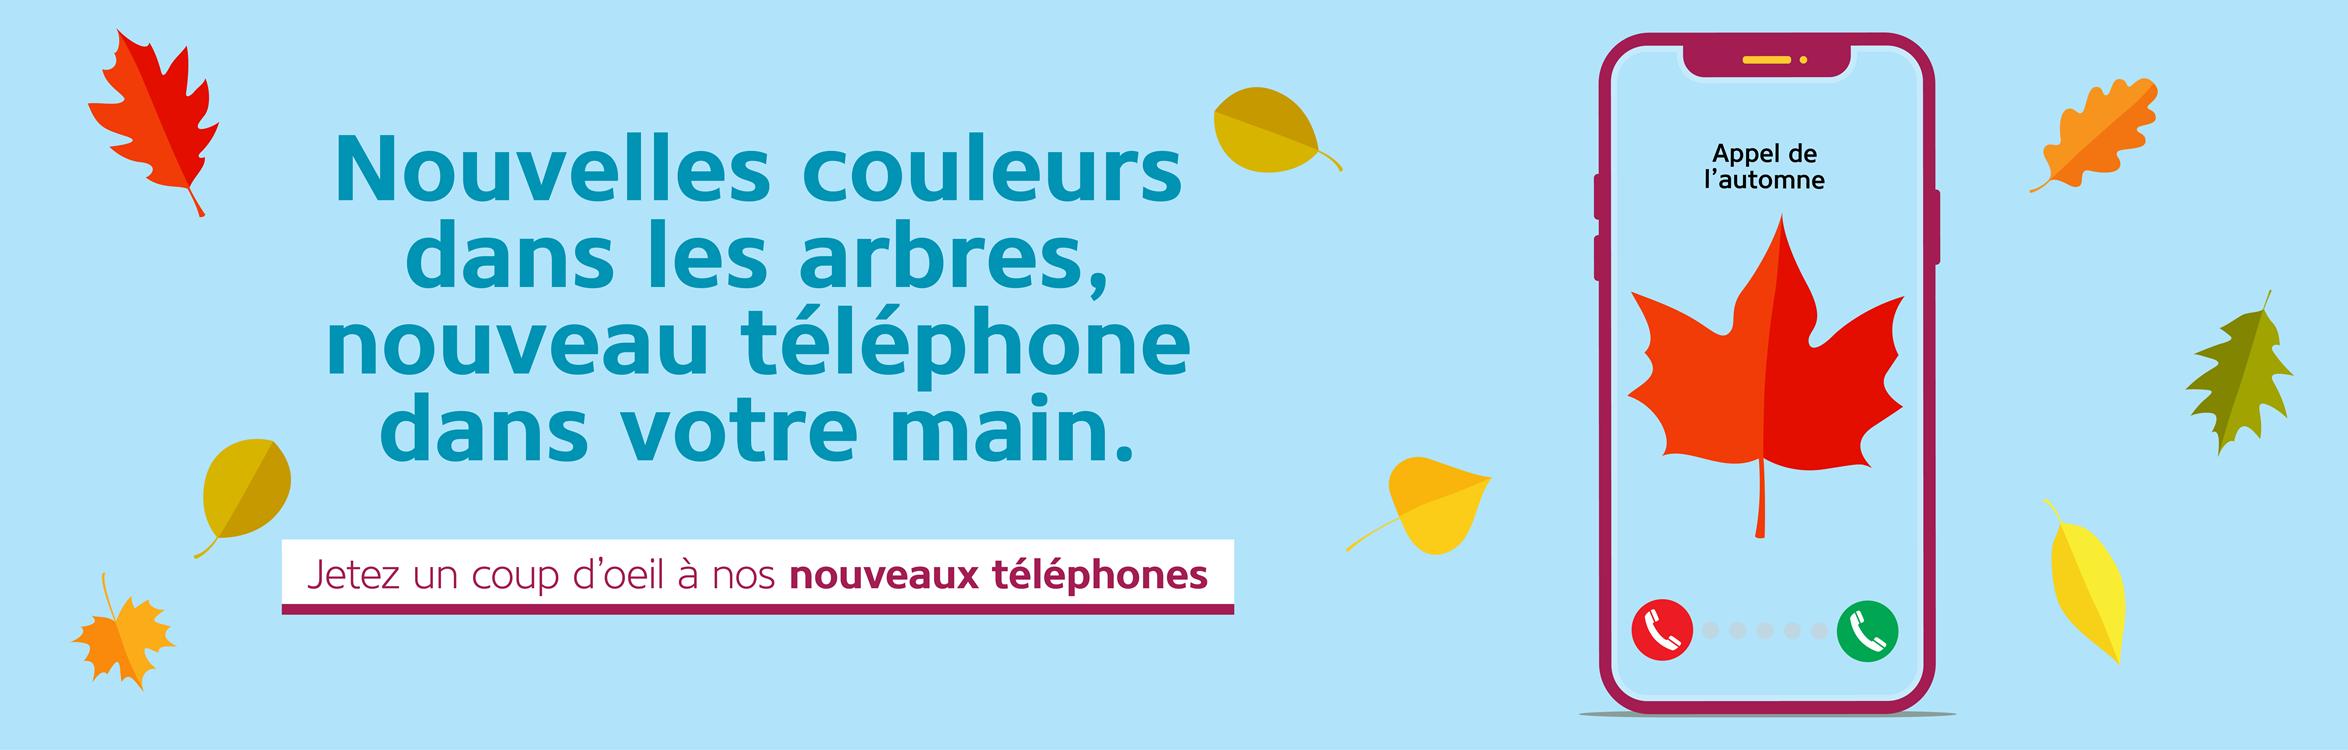 Gatez-vous avec un nouveau telephone